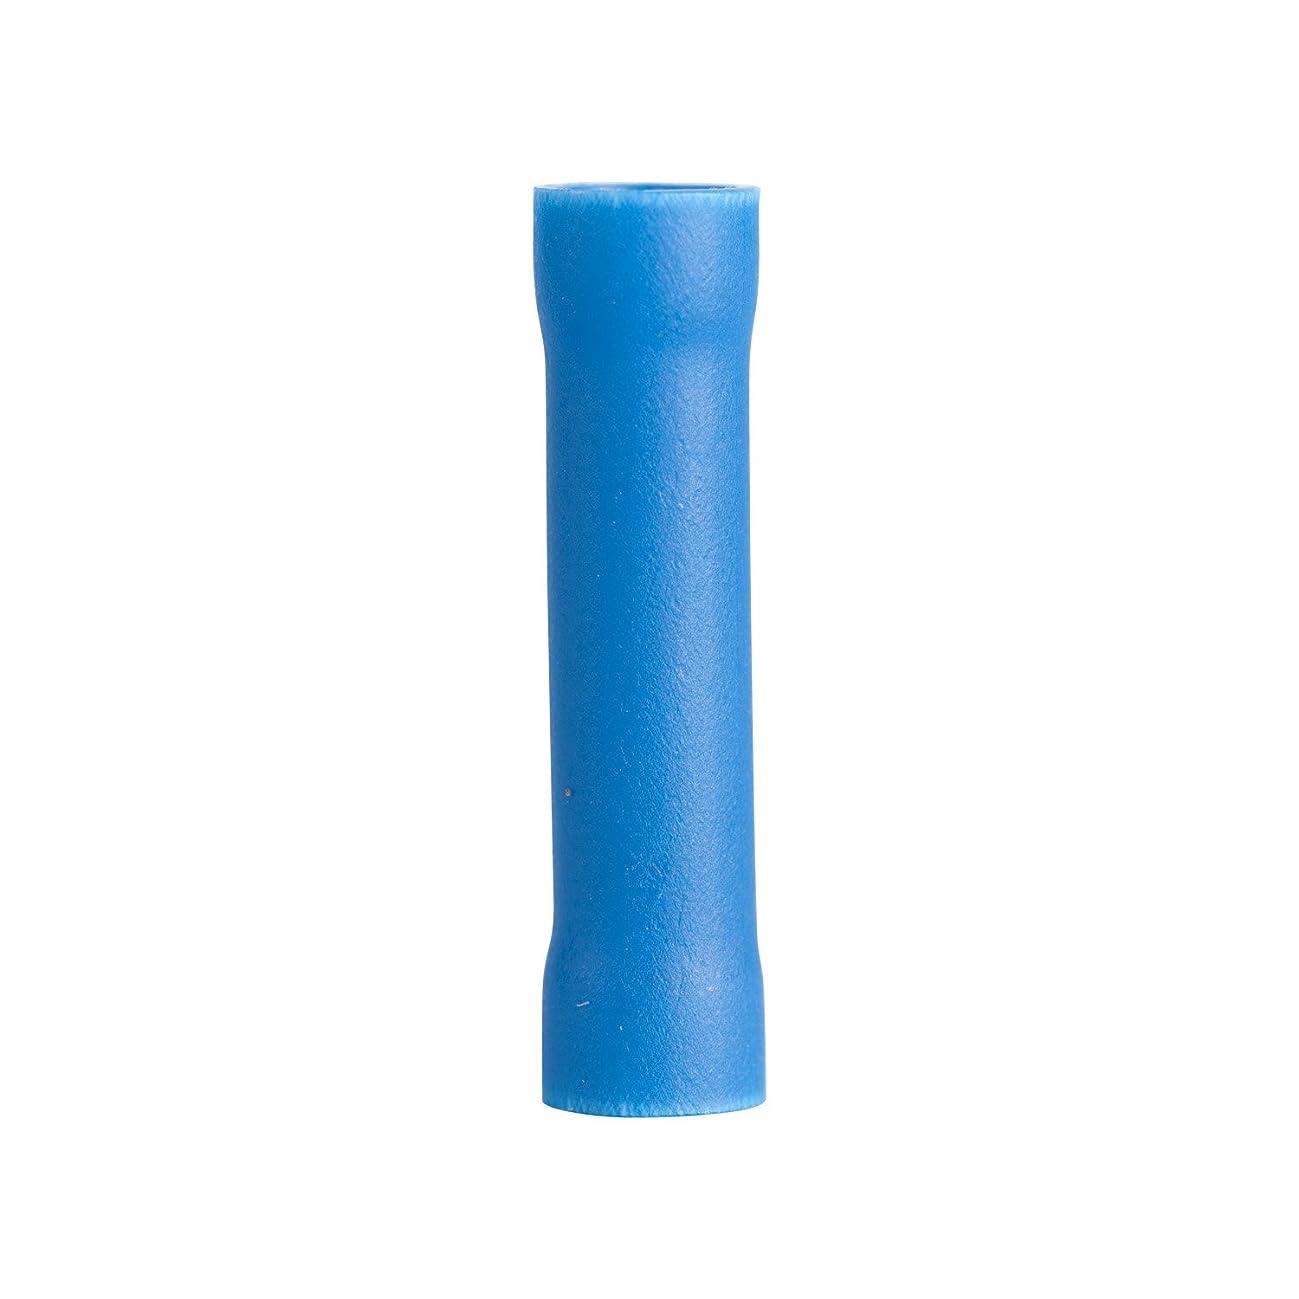 Gardner Bender 10-123 Butt Splice, Vinyl Fully-Insulated Barrel, 16-14 AWG, Blue